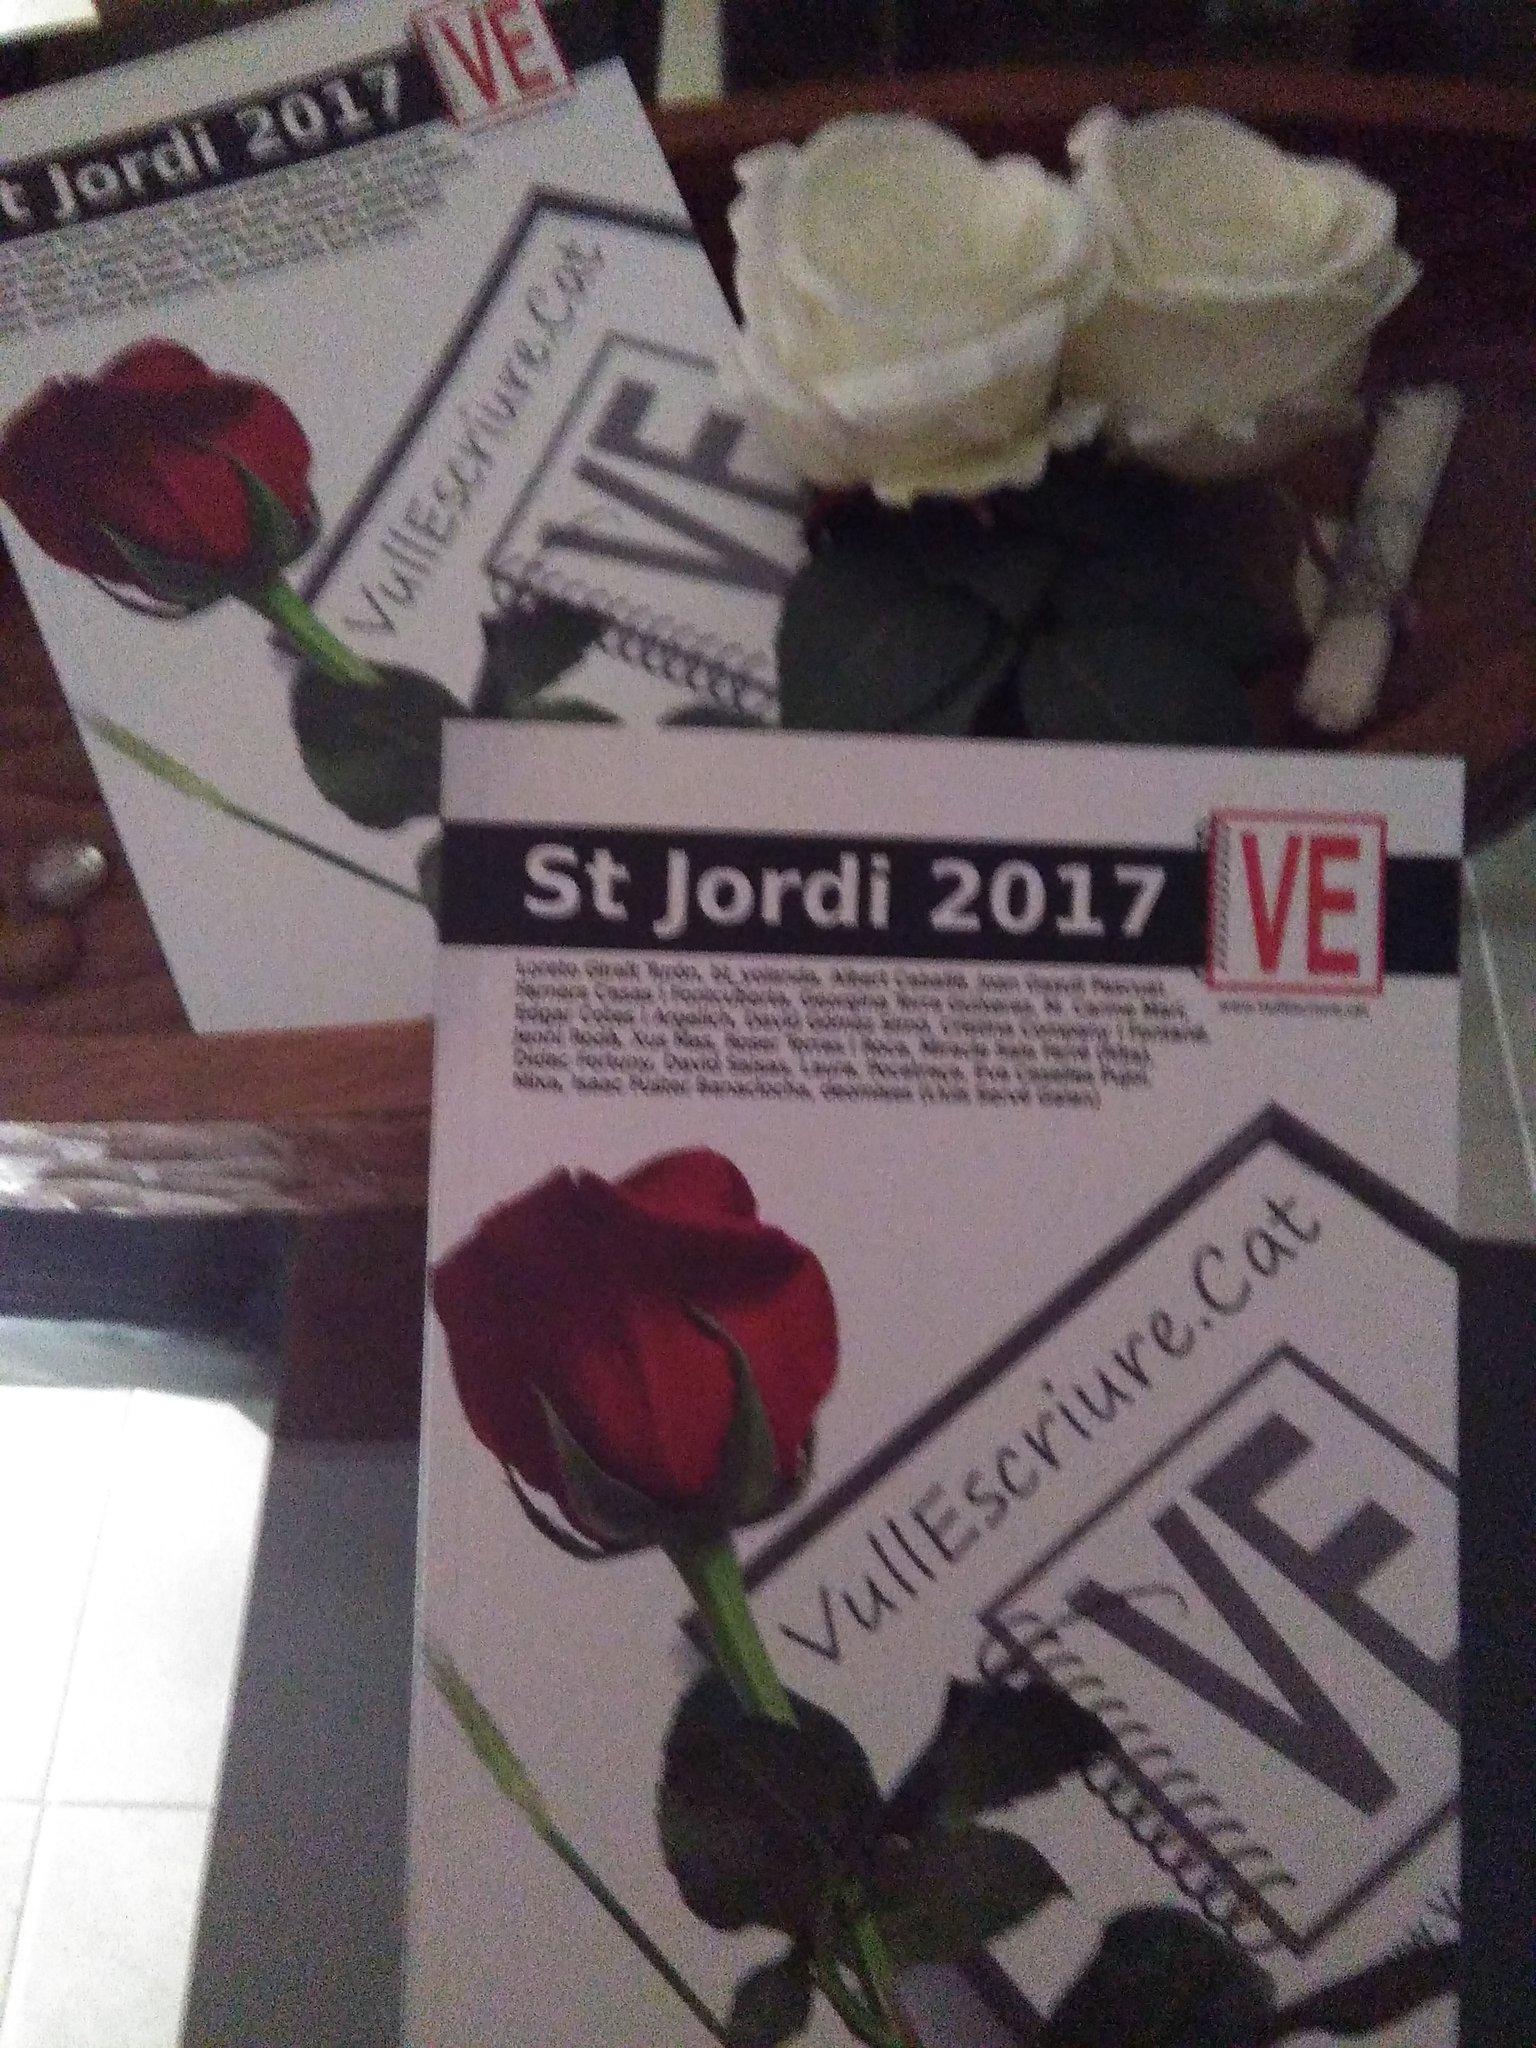 Quina alegria tenir un St.Jordi avançat... Amics, gràcies a @VullEscriure  @TereSM_ @bt_yolanda @EdgarCA97 @Mixa_QL @XusMas @deomises https://t.co/lb7v5JHuuY